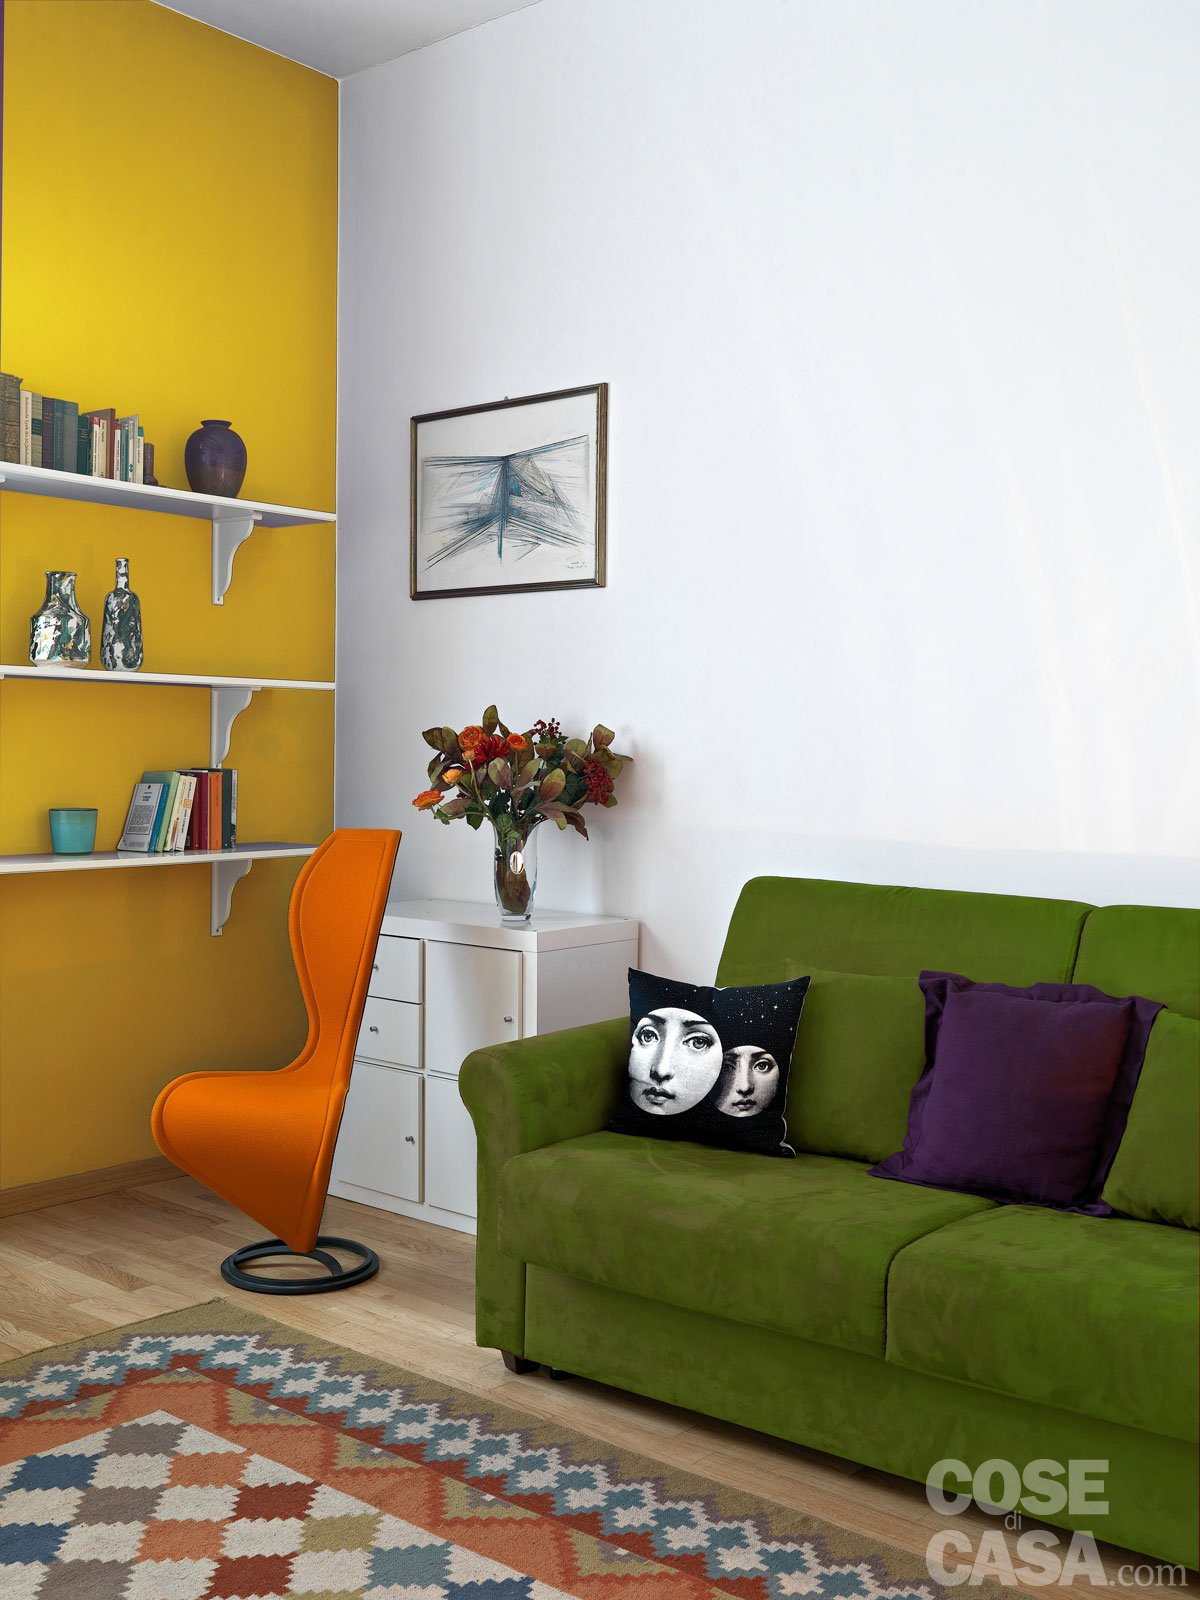 Cool abbinate toni verdi che gli sono vicini nella ruota dei colori la per analogia un criterio - Tinte pareti casa ...